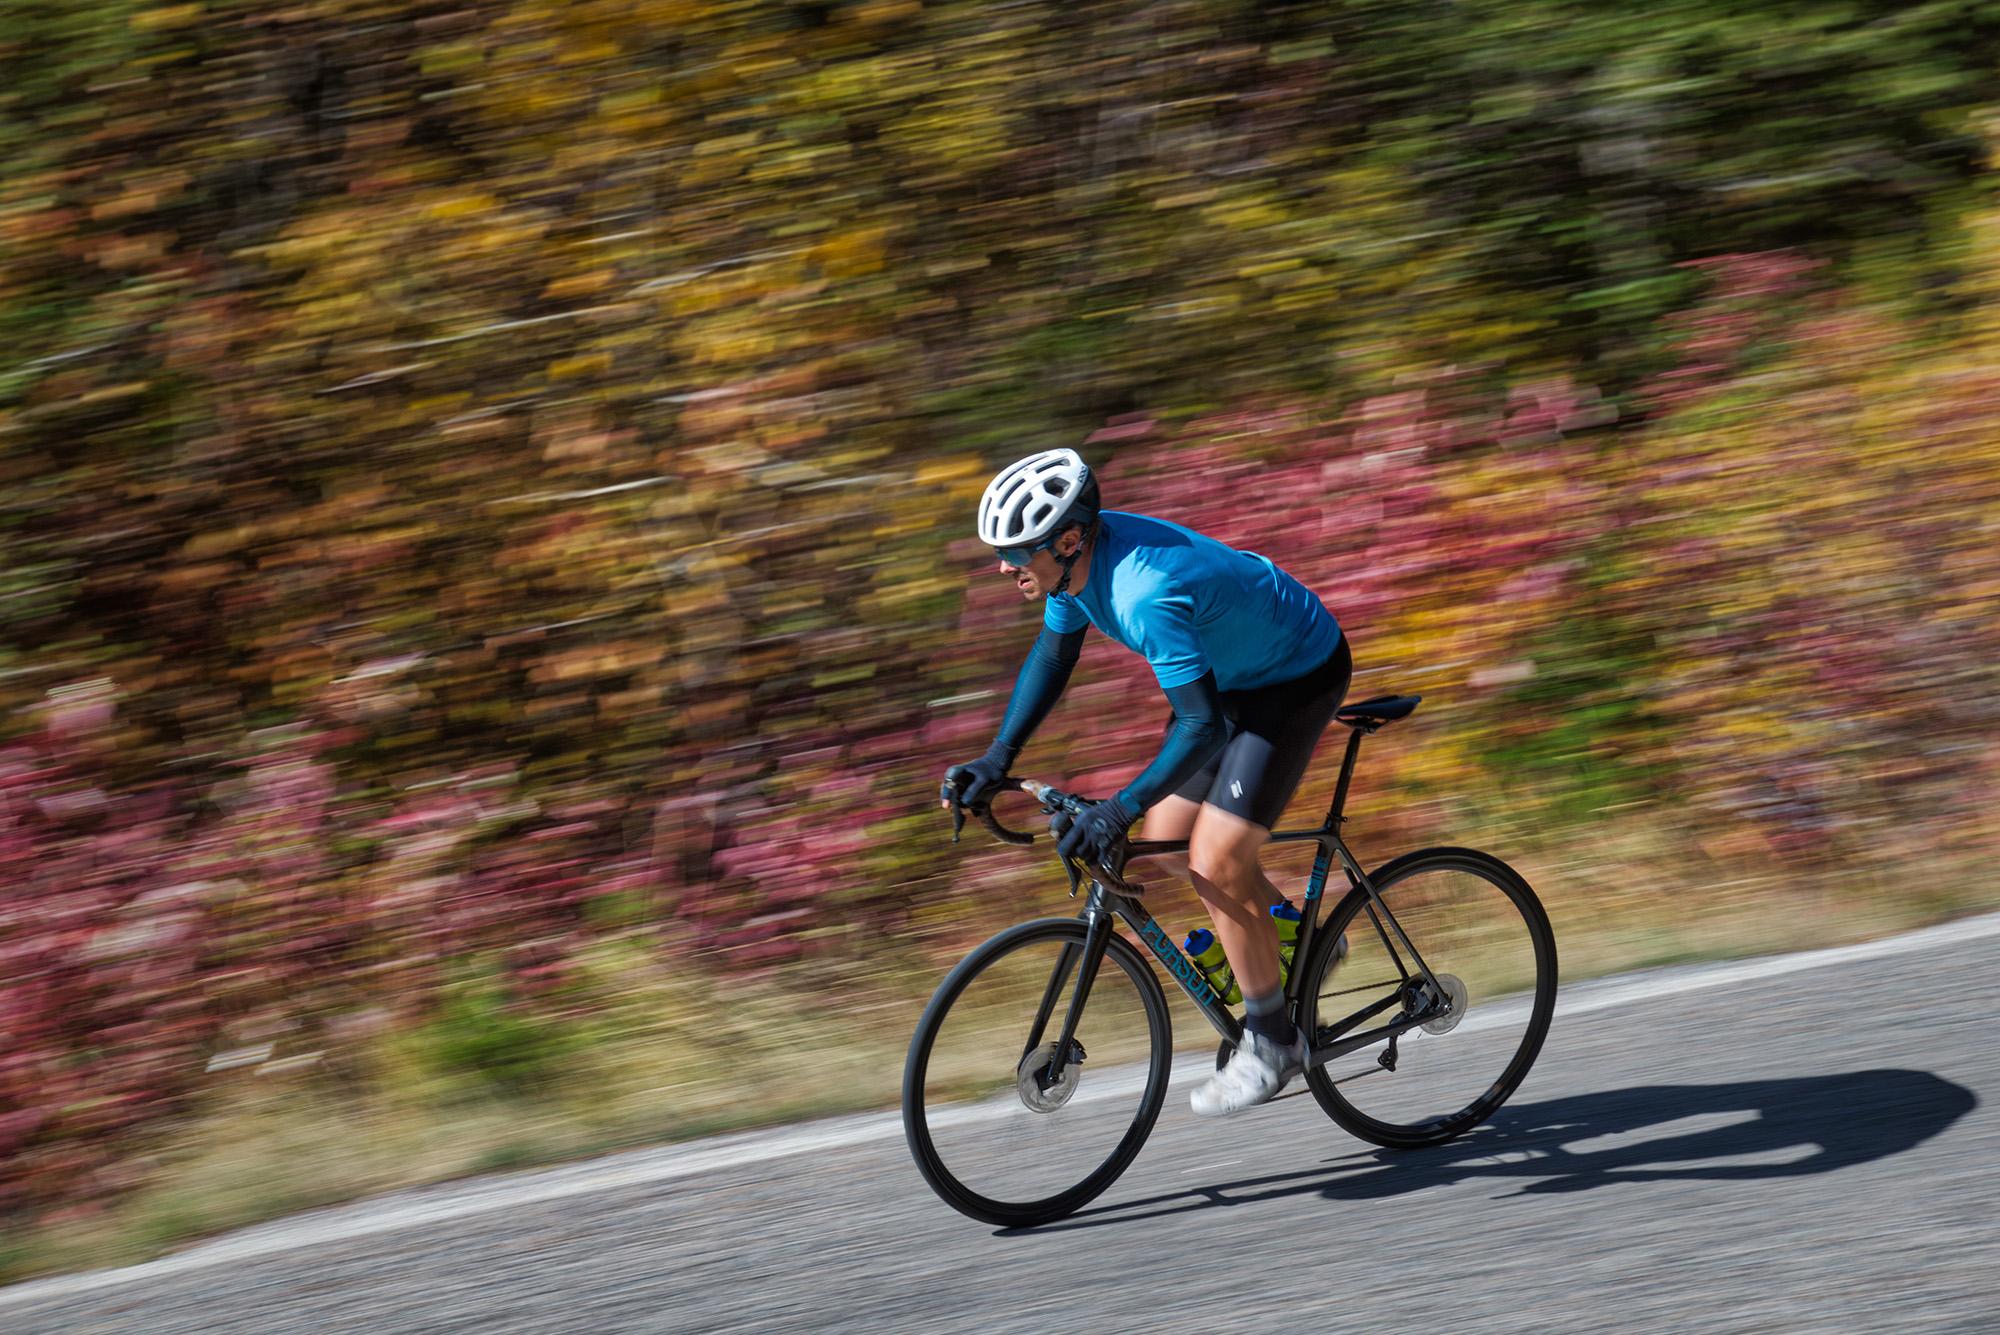 Jeff Wyatt rides a Pursuit carbon fiber road bike on Hyalite Canyon Road near Bozeman, Montana